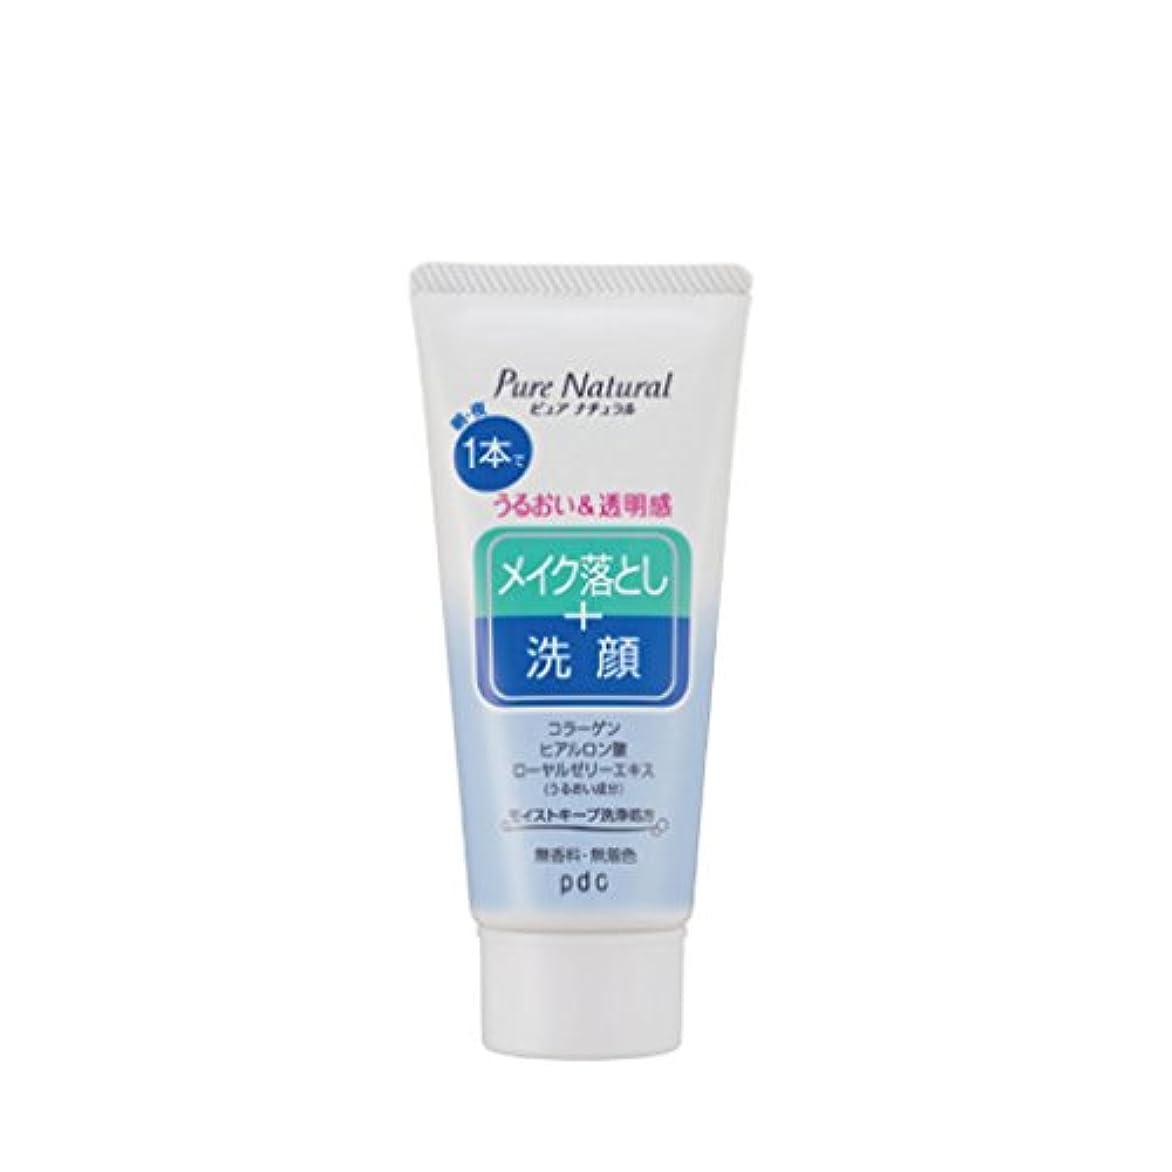 キャプテン生態学固めるPure NATURAL(ピュアナチュラル) クレンジング洗顔 (ミニサイズ) 70g